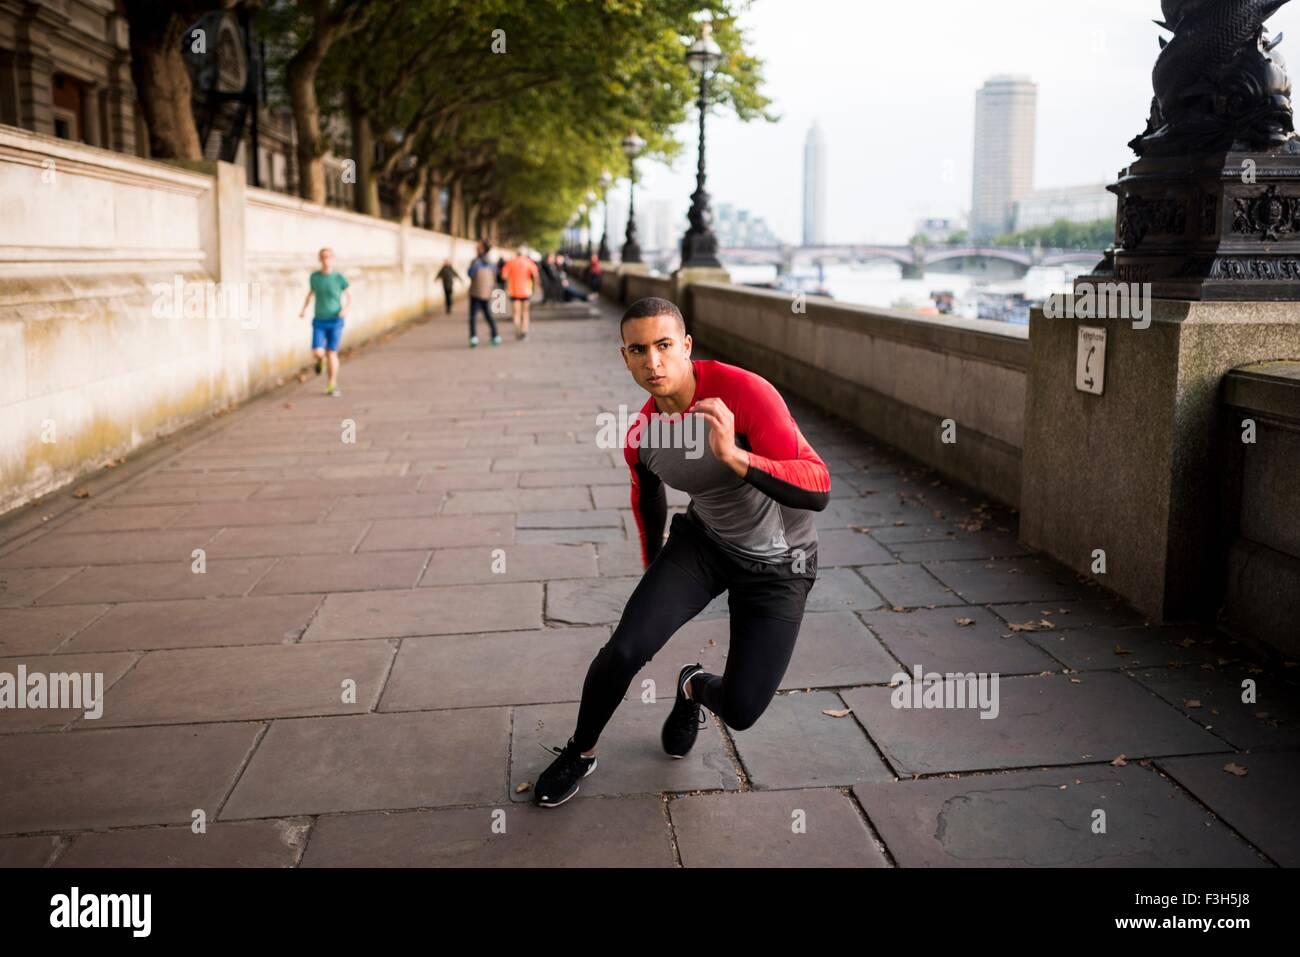 Giovane uomo allenamento di velocità lungo argine Immagini Stock